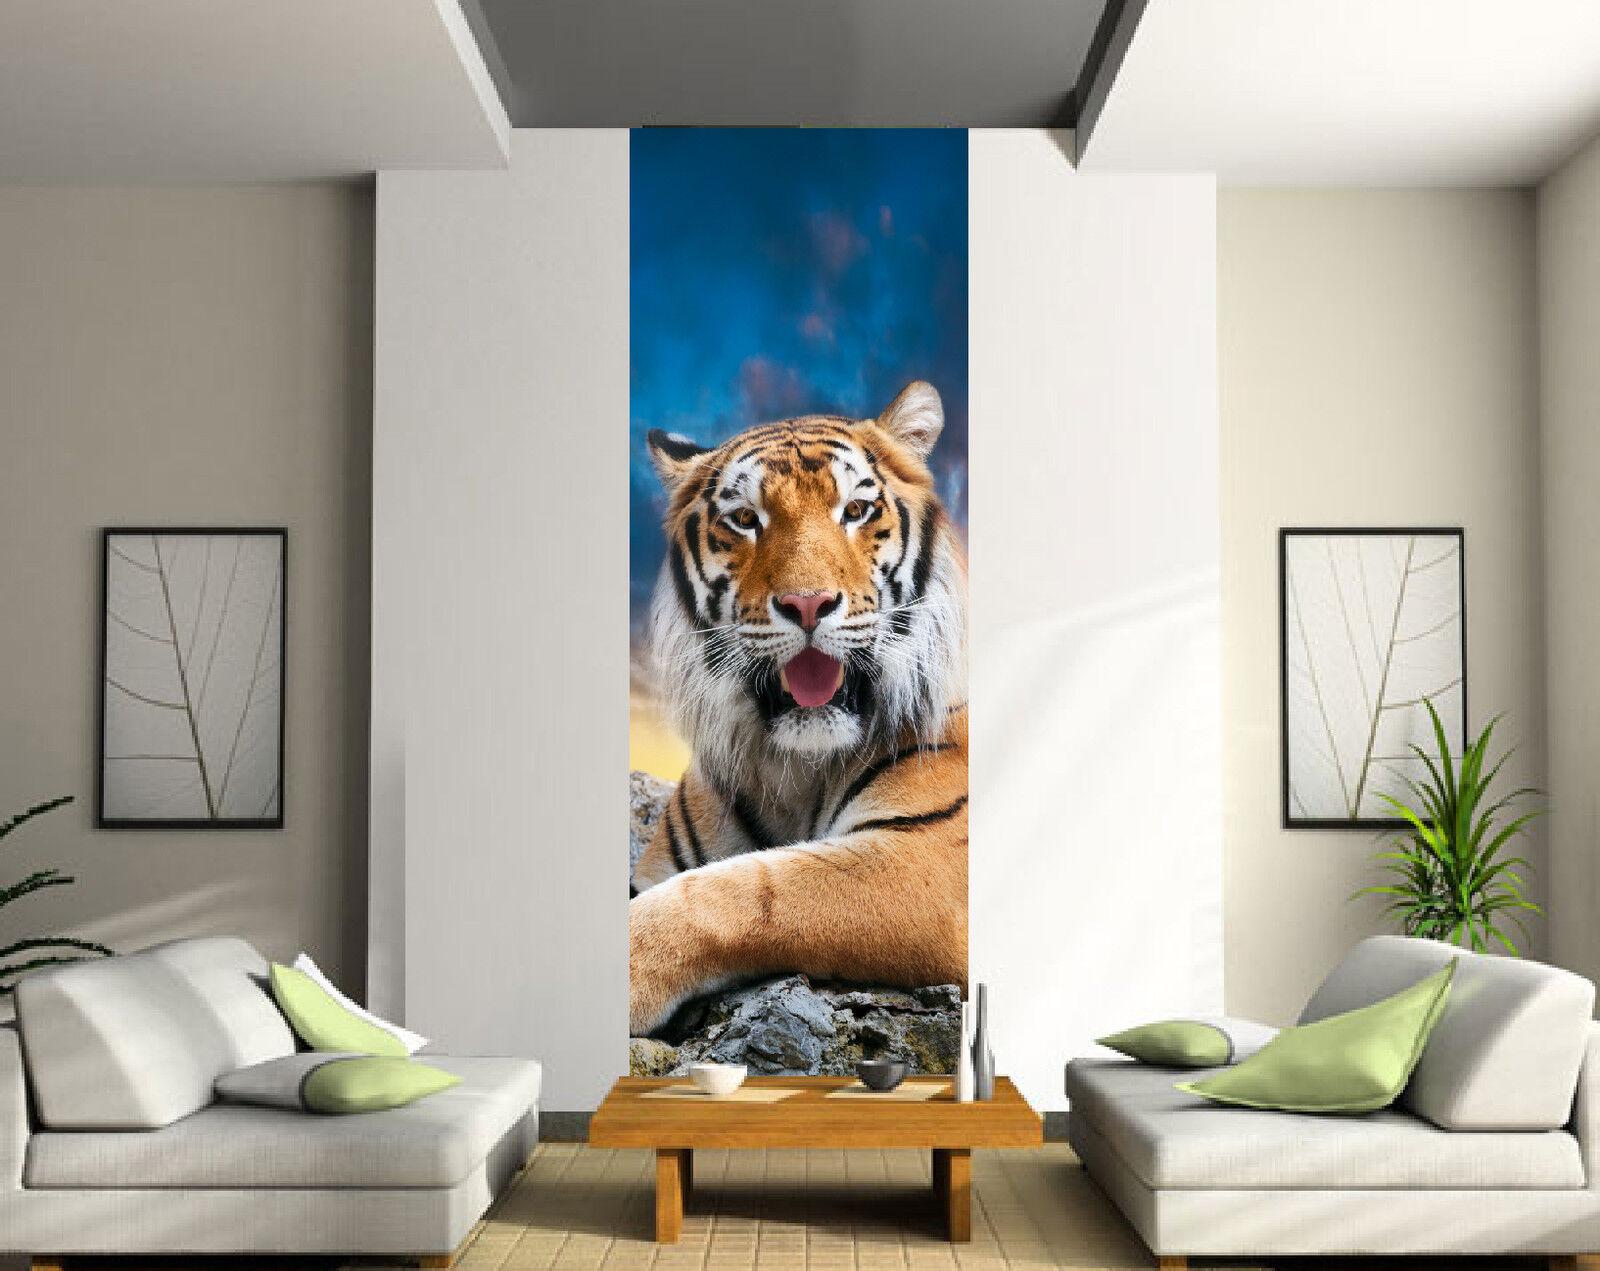 Pegatinas engaña ojo Único decoración mural Tigre ref 2035